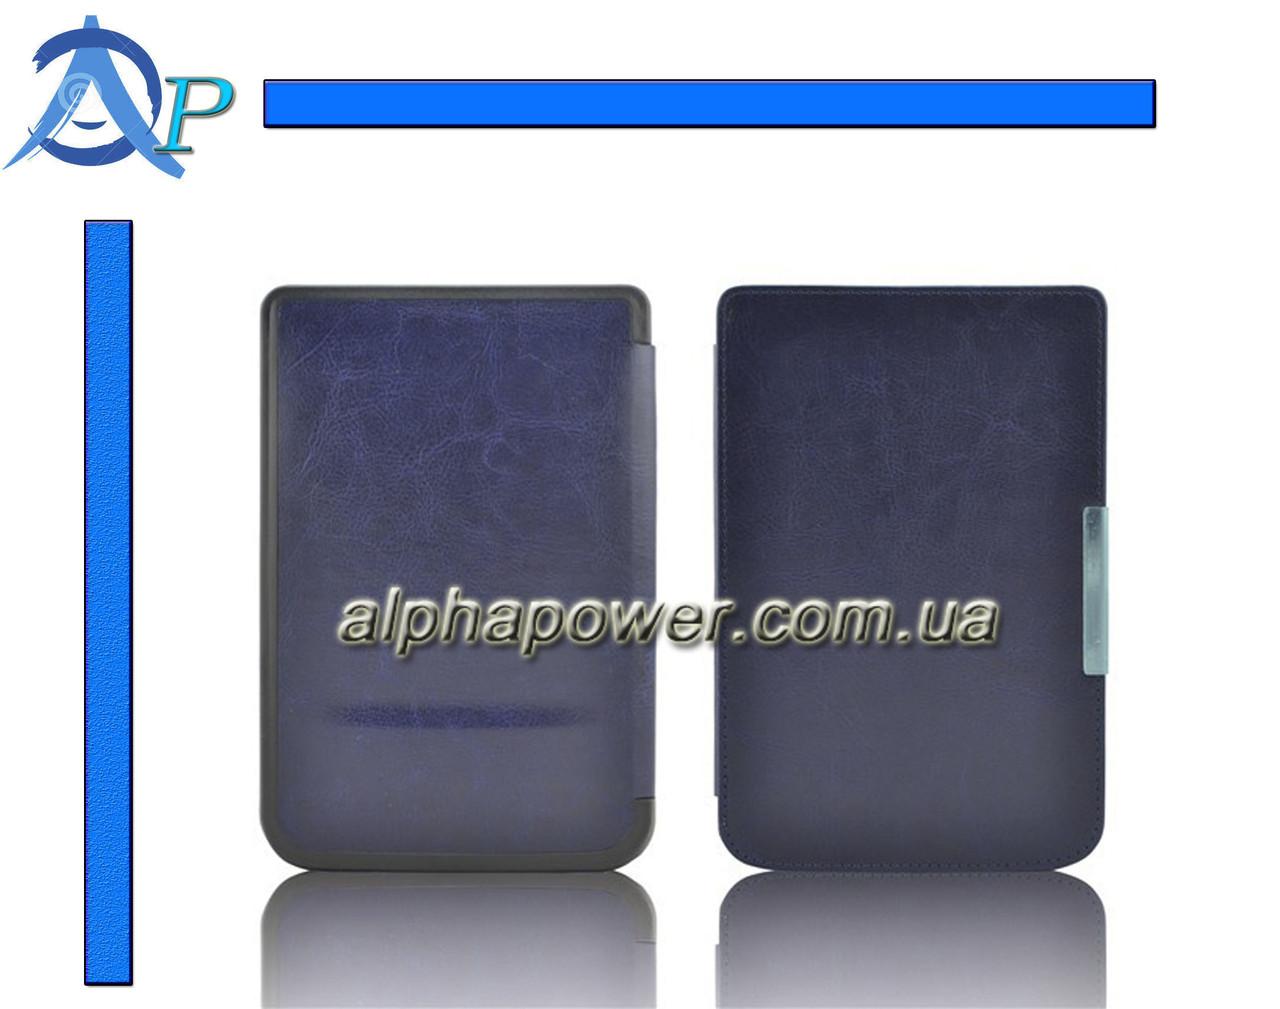 Обложка (чехол) для электронной книги PocketBook 614/615/624/625/626/Touch Lux 3